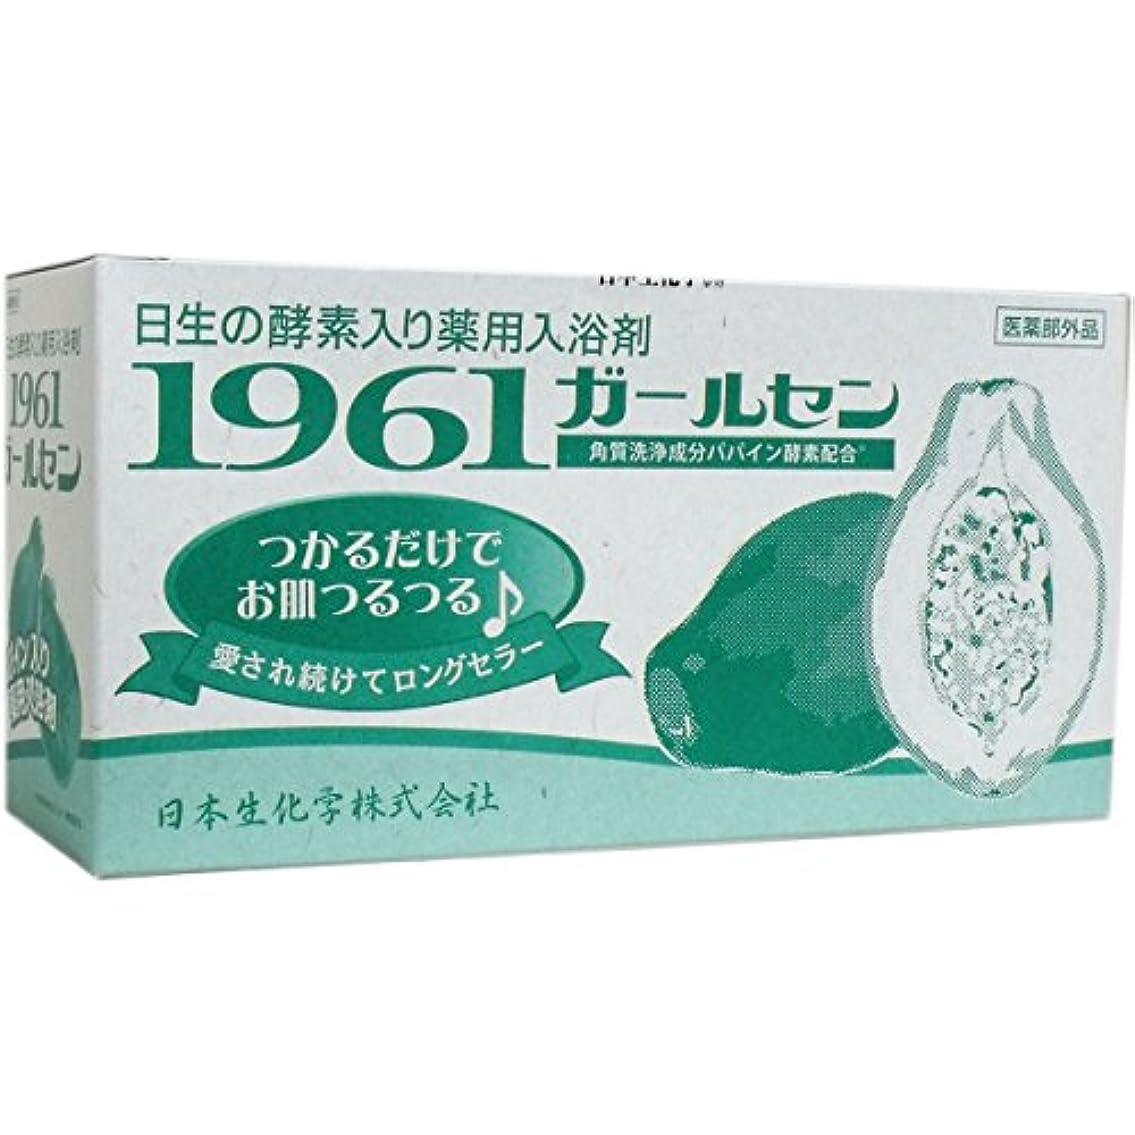 パパイン酵素配合 薬用入浴剤 1961ガールセン 30包 [並行輸入品]